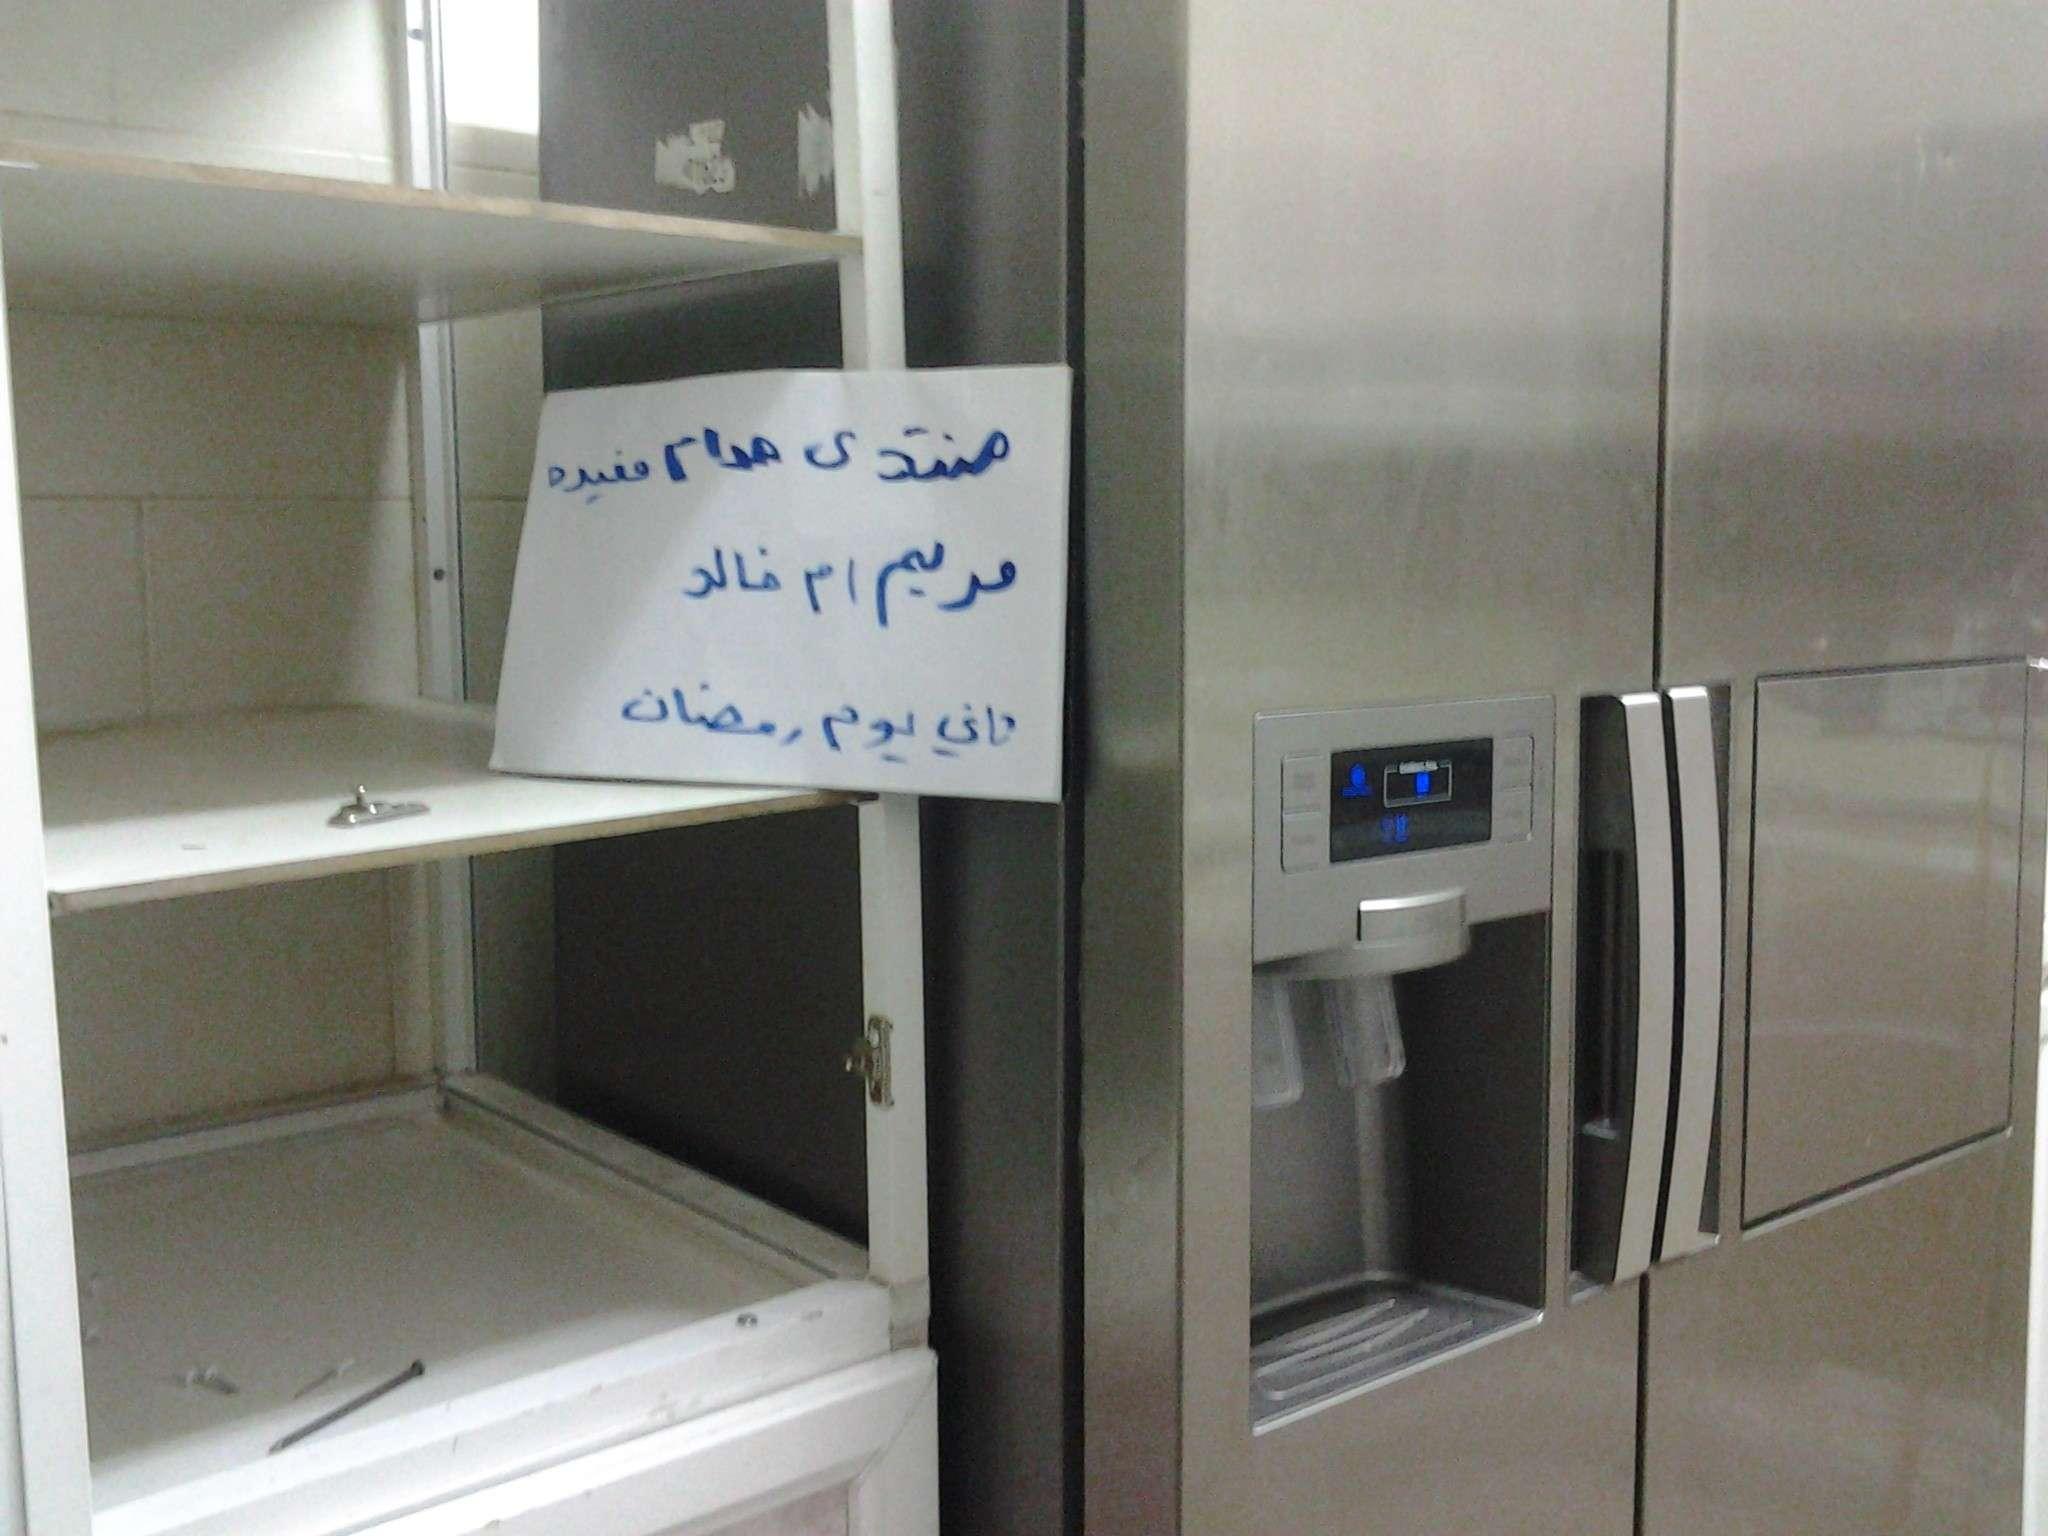 صور للمطبخ وكيف عدلته 20130714